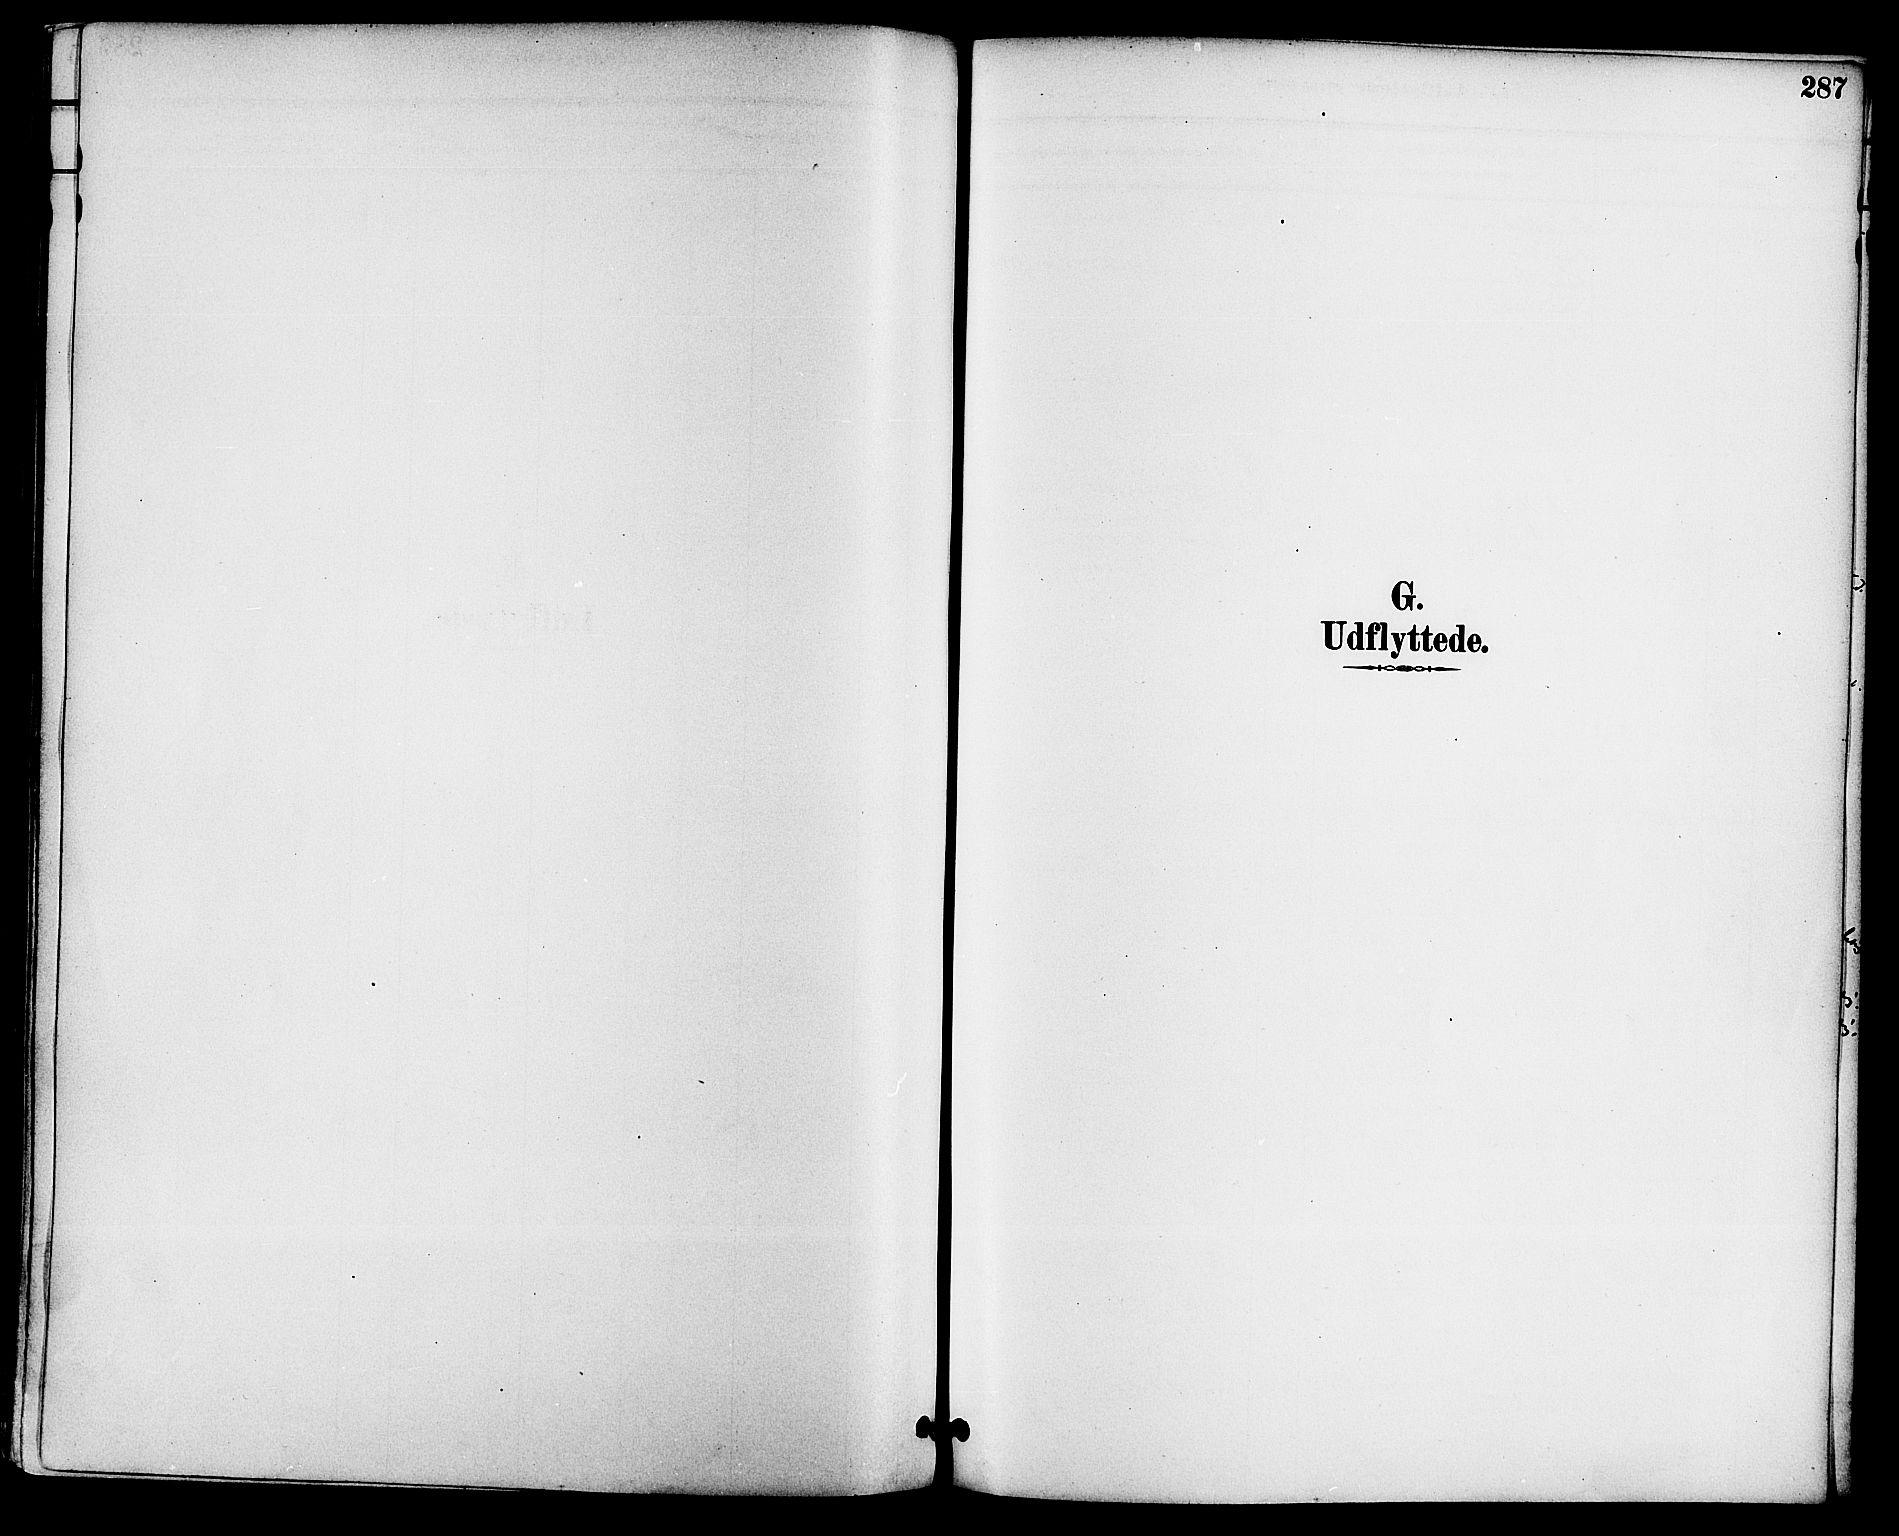 SAKO, Gjerpen kirkebøker, F/Fa/L0010: Ministerialbok nr. 10, 1886-1895, s. 287